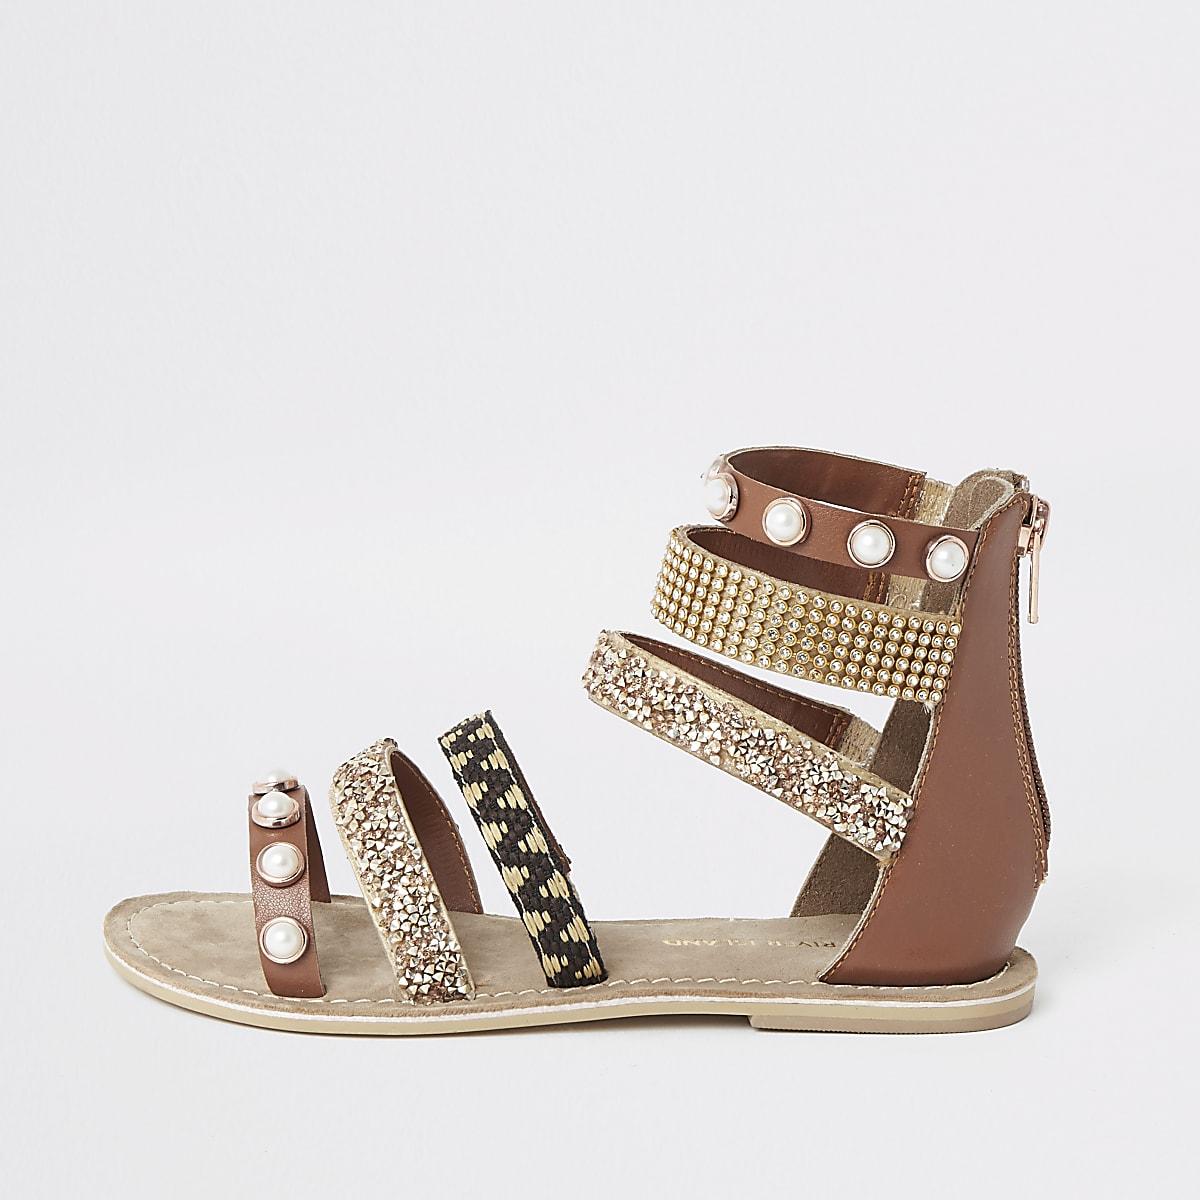 Sandales marron à brides ornées pour fille